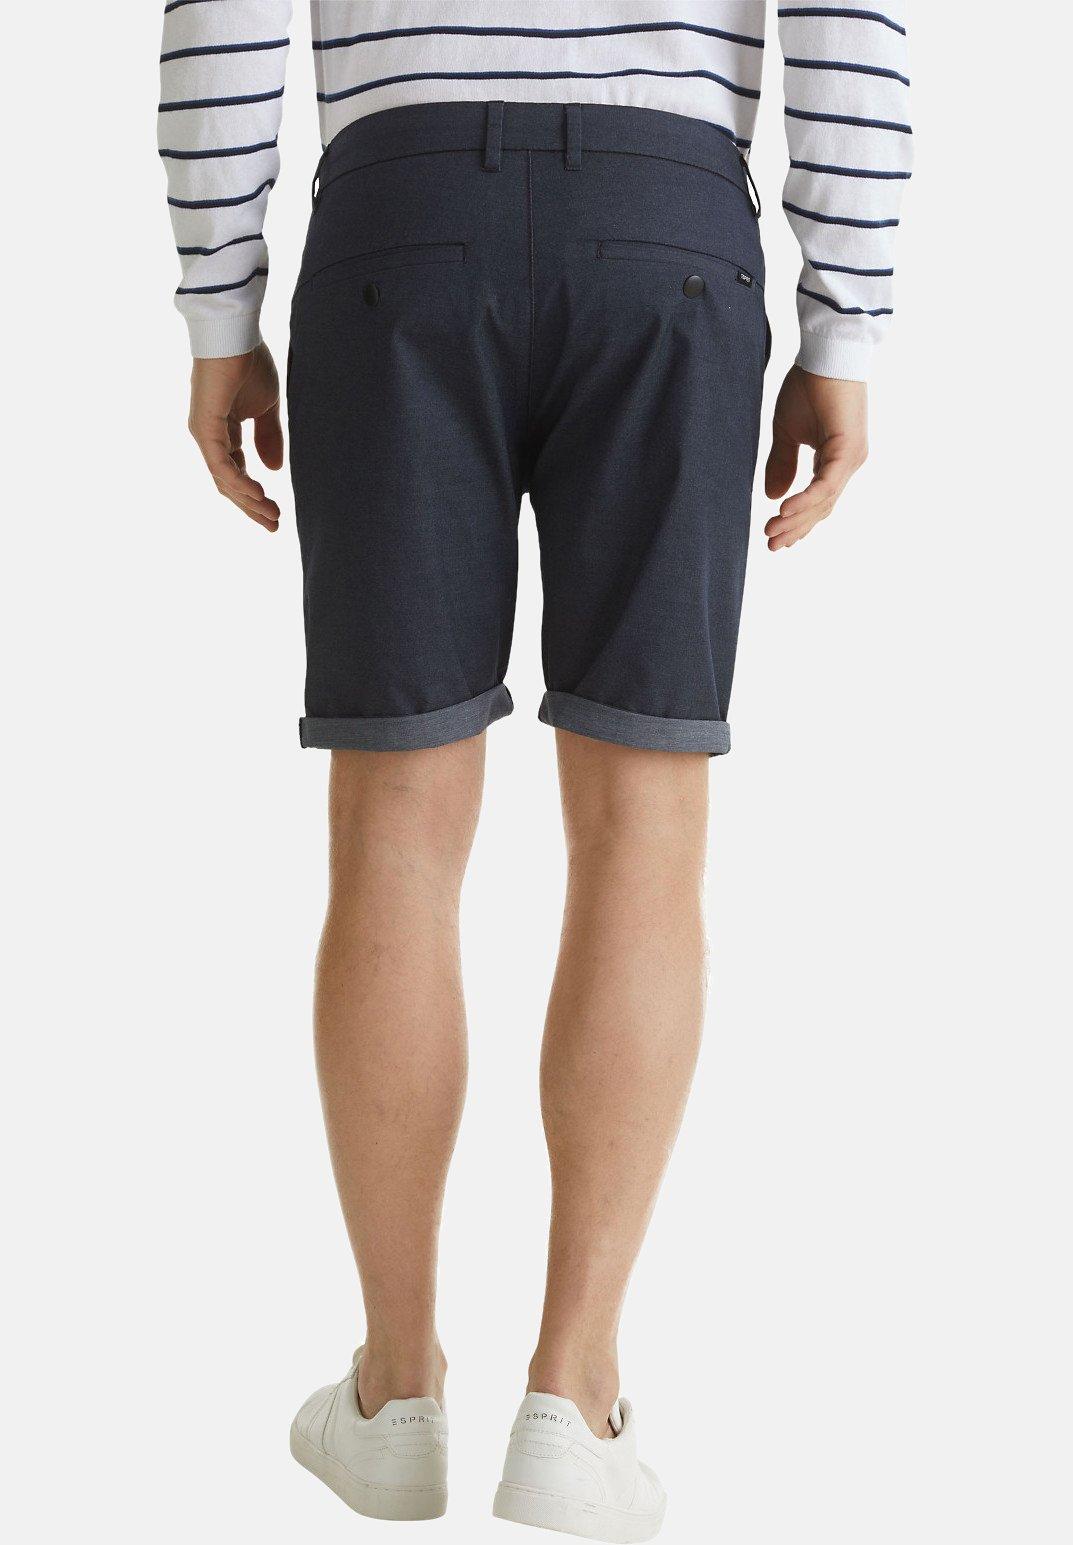 Esprit Collection Mit Coolmax® - Shorts Navy